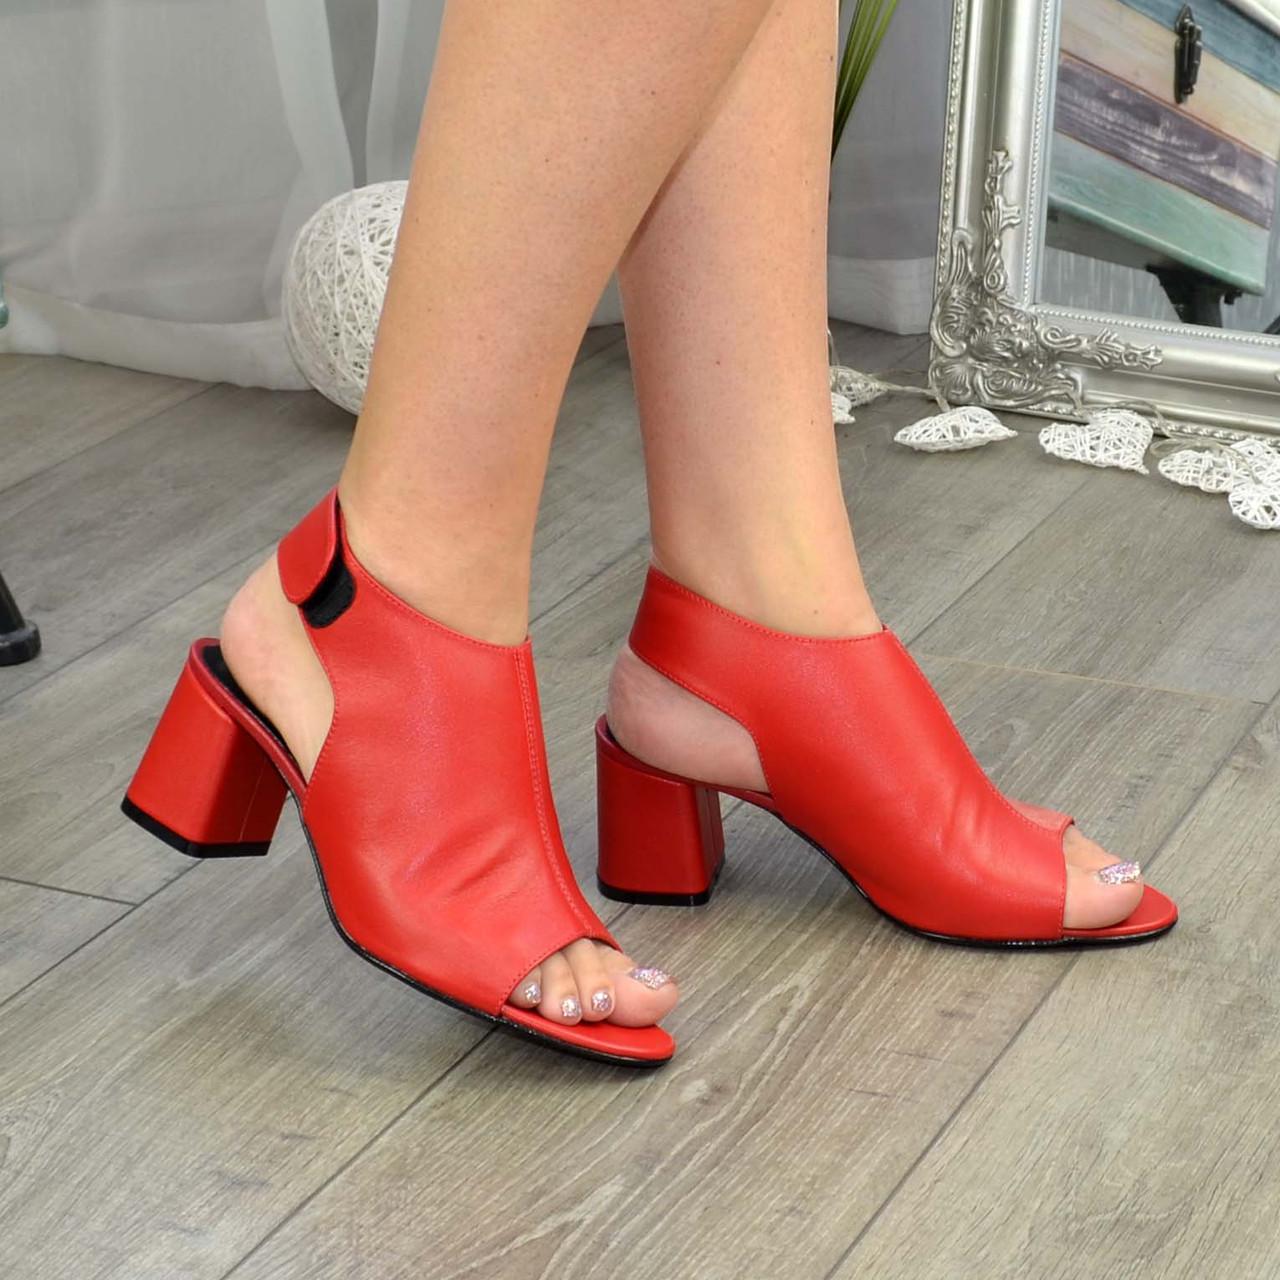 Босоножки кожаные женские на каблуке, цвет красный